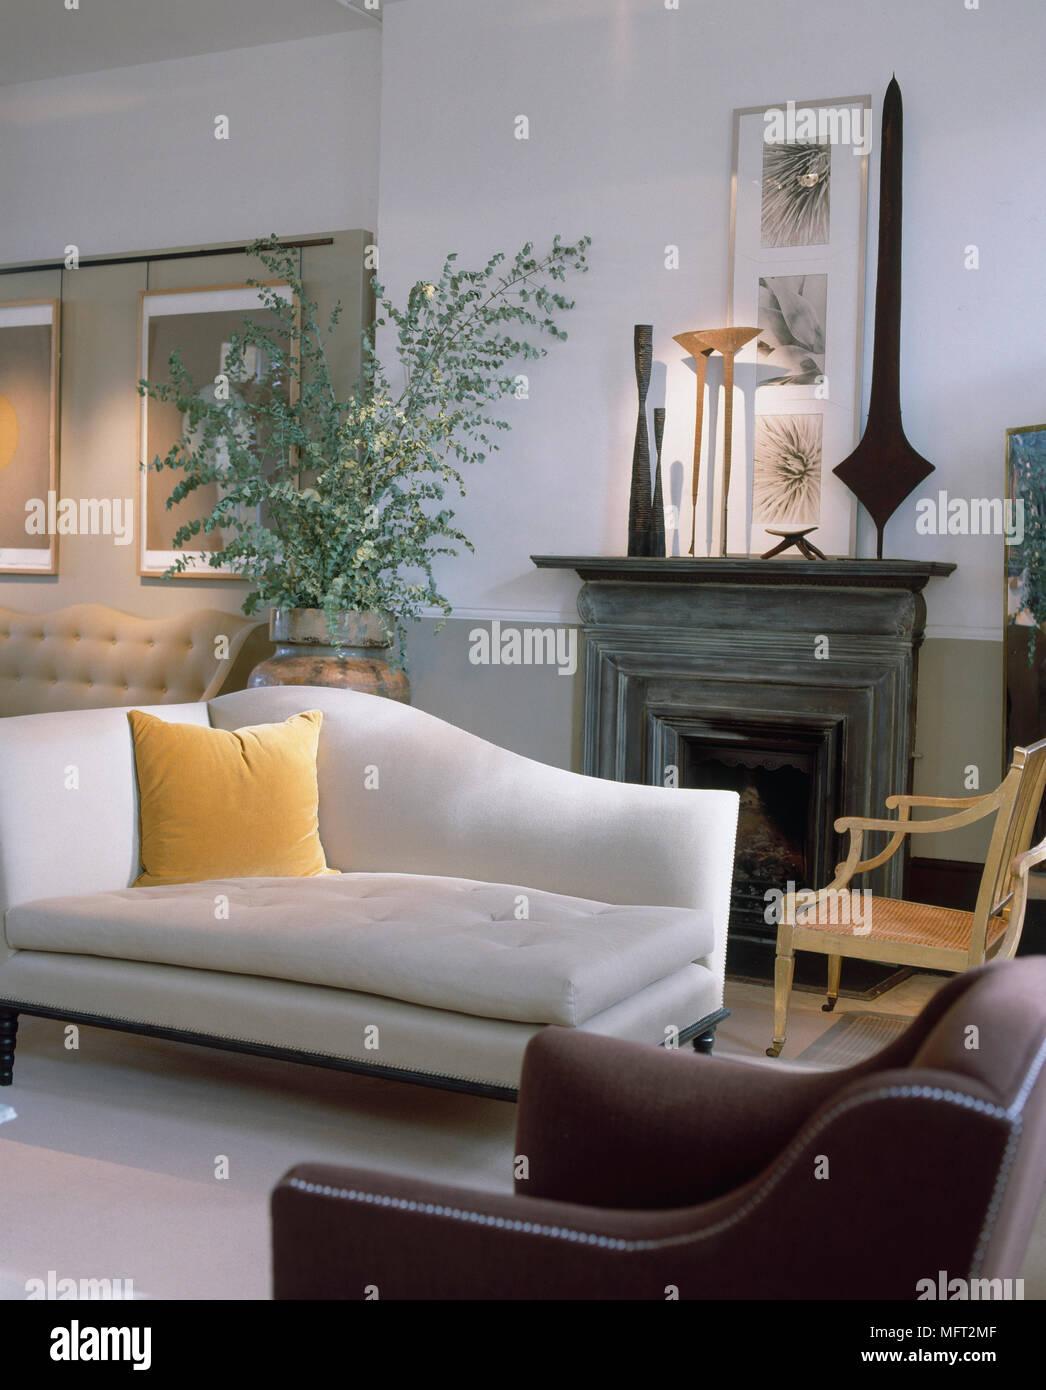 Salon avec murs blancs et verts les illustrations encadrées cheminée avec sculpture crème